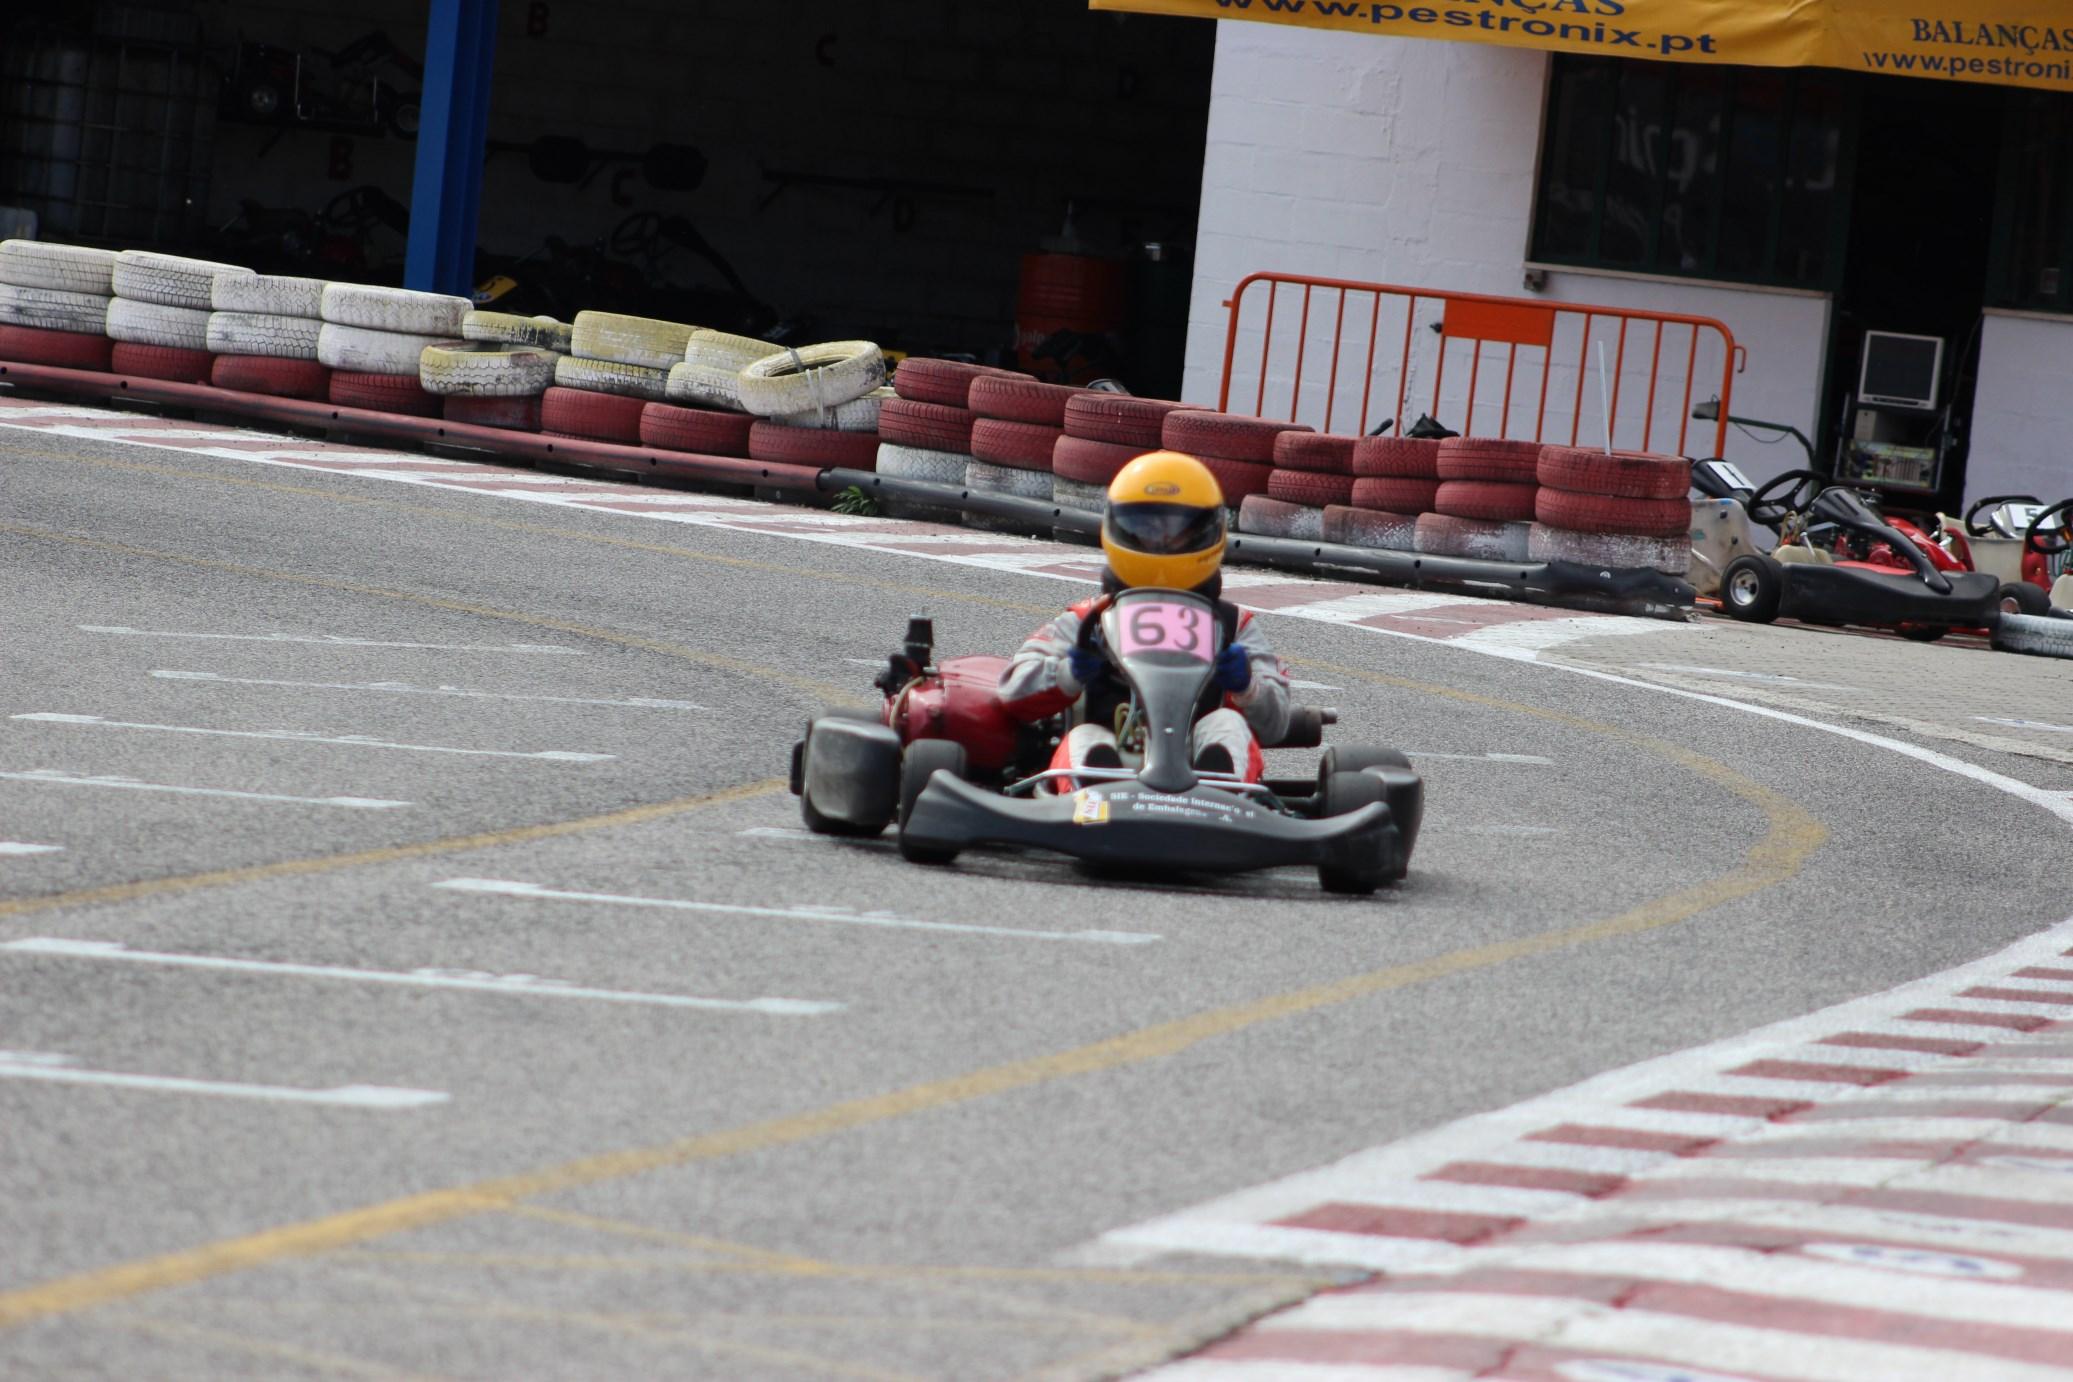 Troféu Honda 2014 - 4ª Prova229